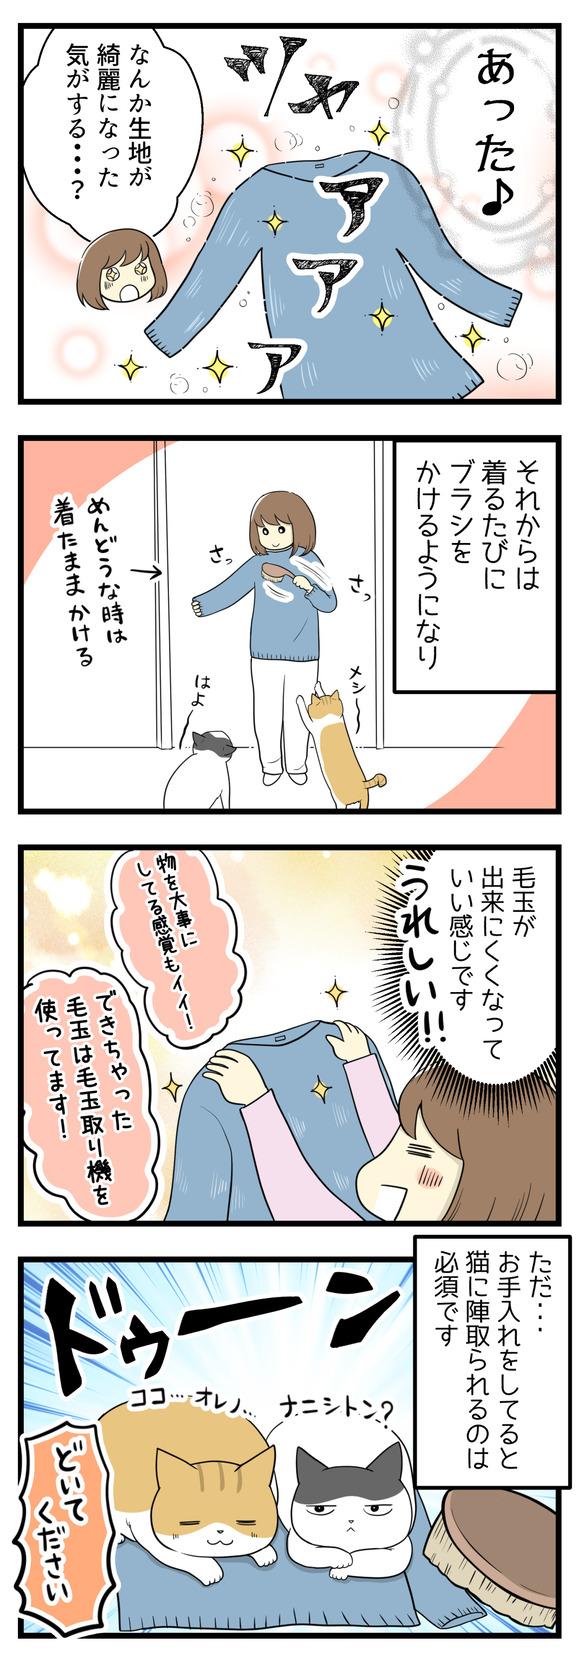 効果あった!なんか生地が綺麗になった気がする!それからは着るたびにブラシをかけるようになり毛玉が出来にくくなっていい感じです!ただ・・・お手入れをしていると猫に陣取られるのは必須です。